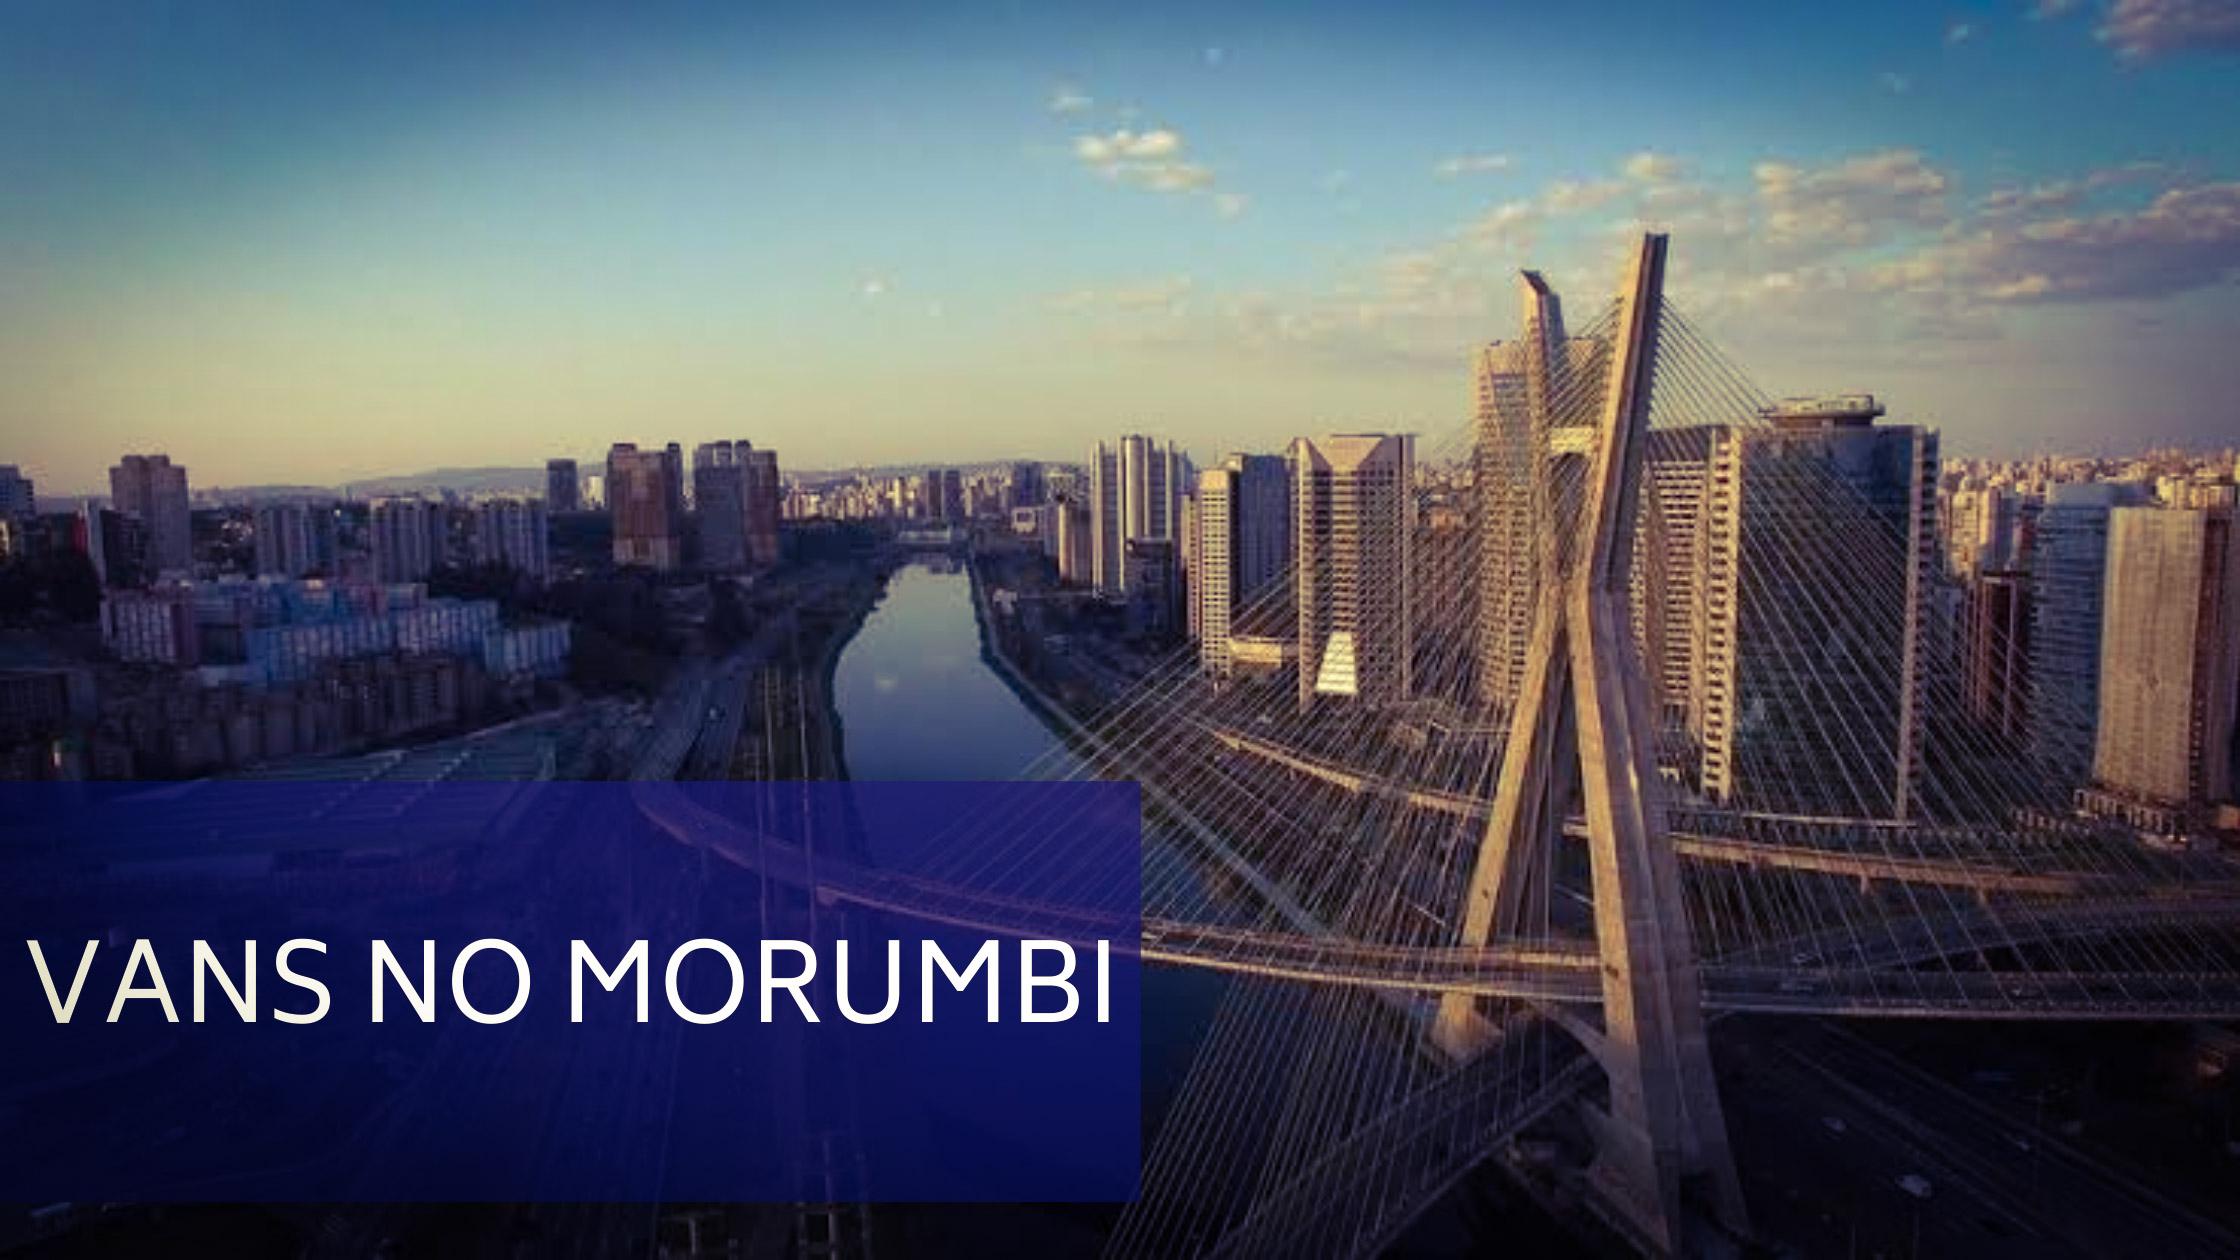 vans no Morumbi